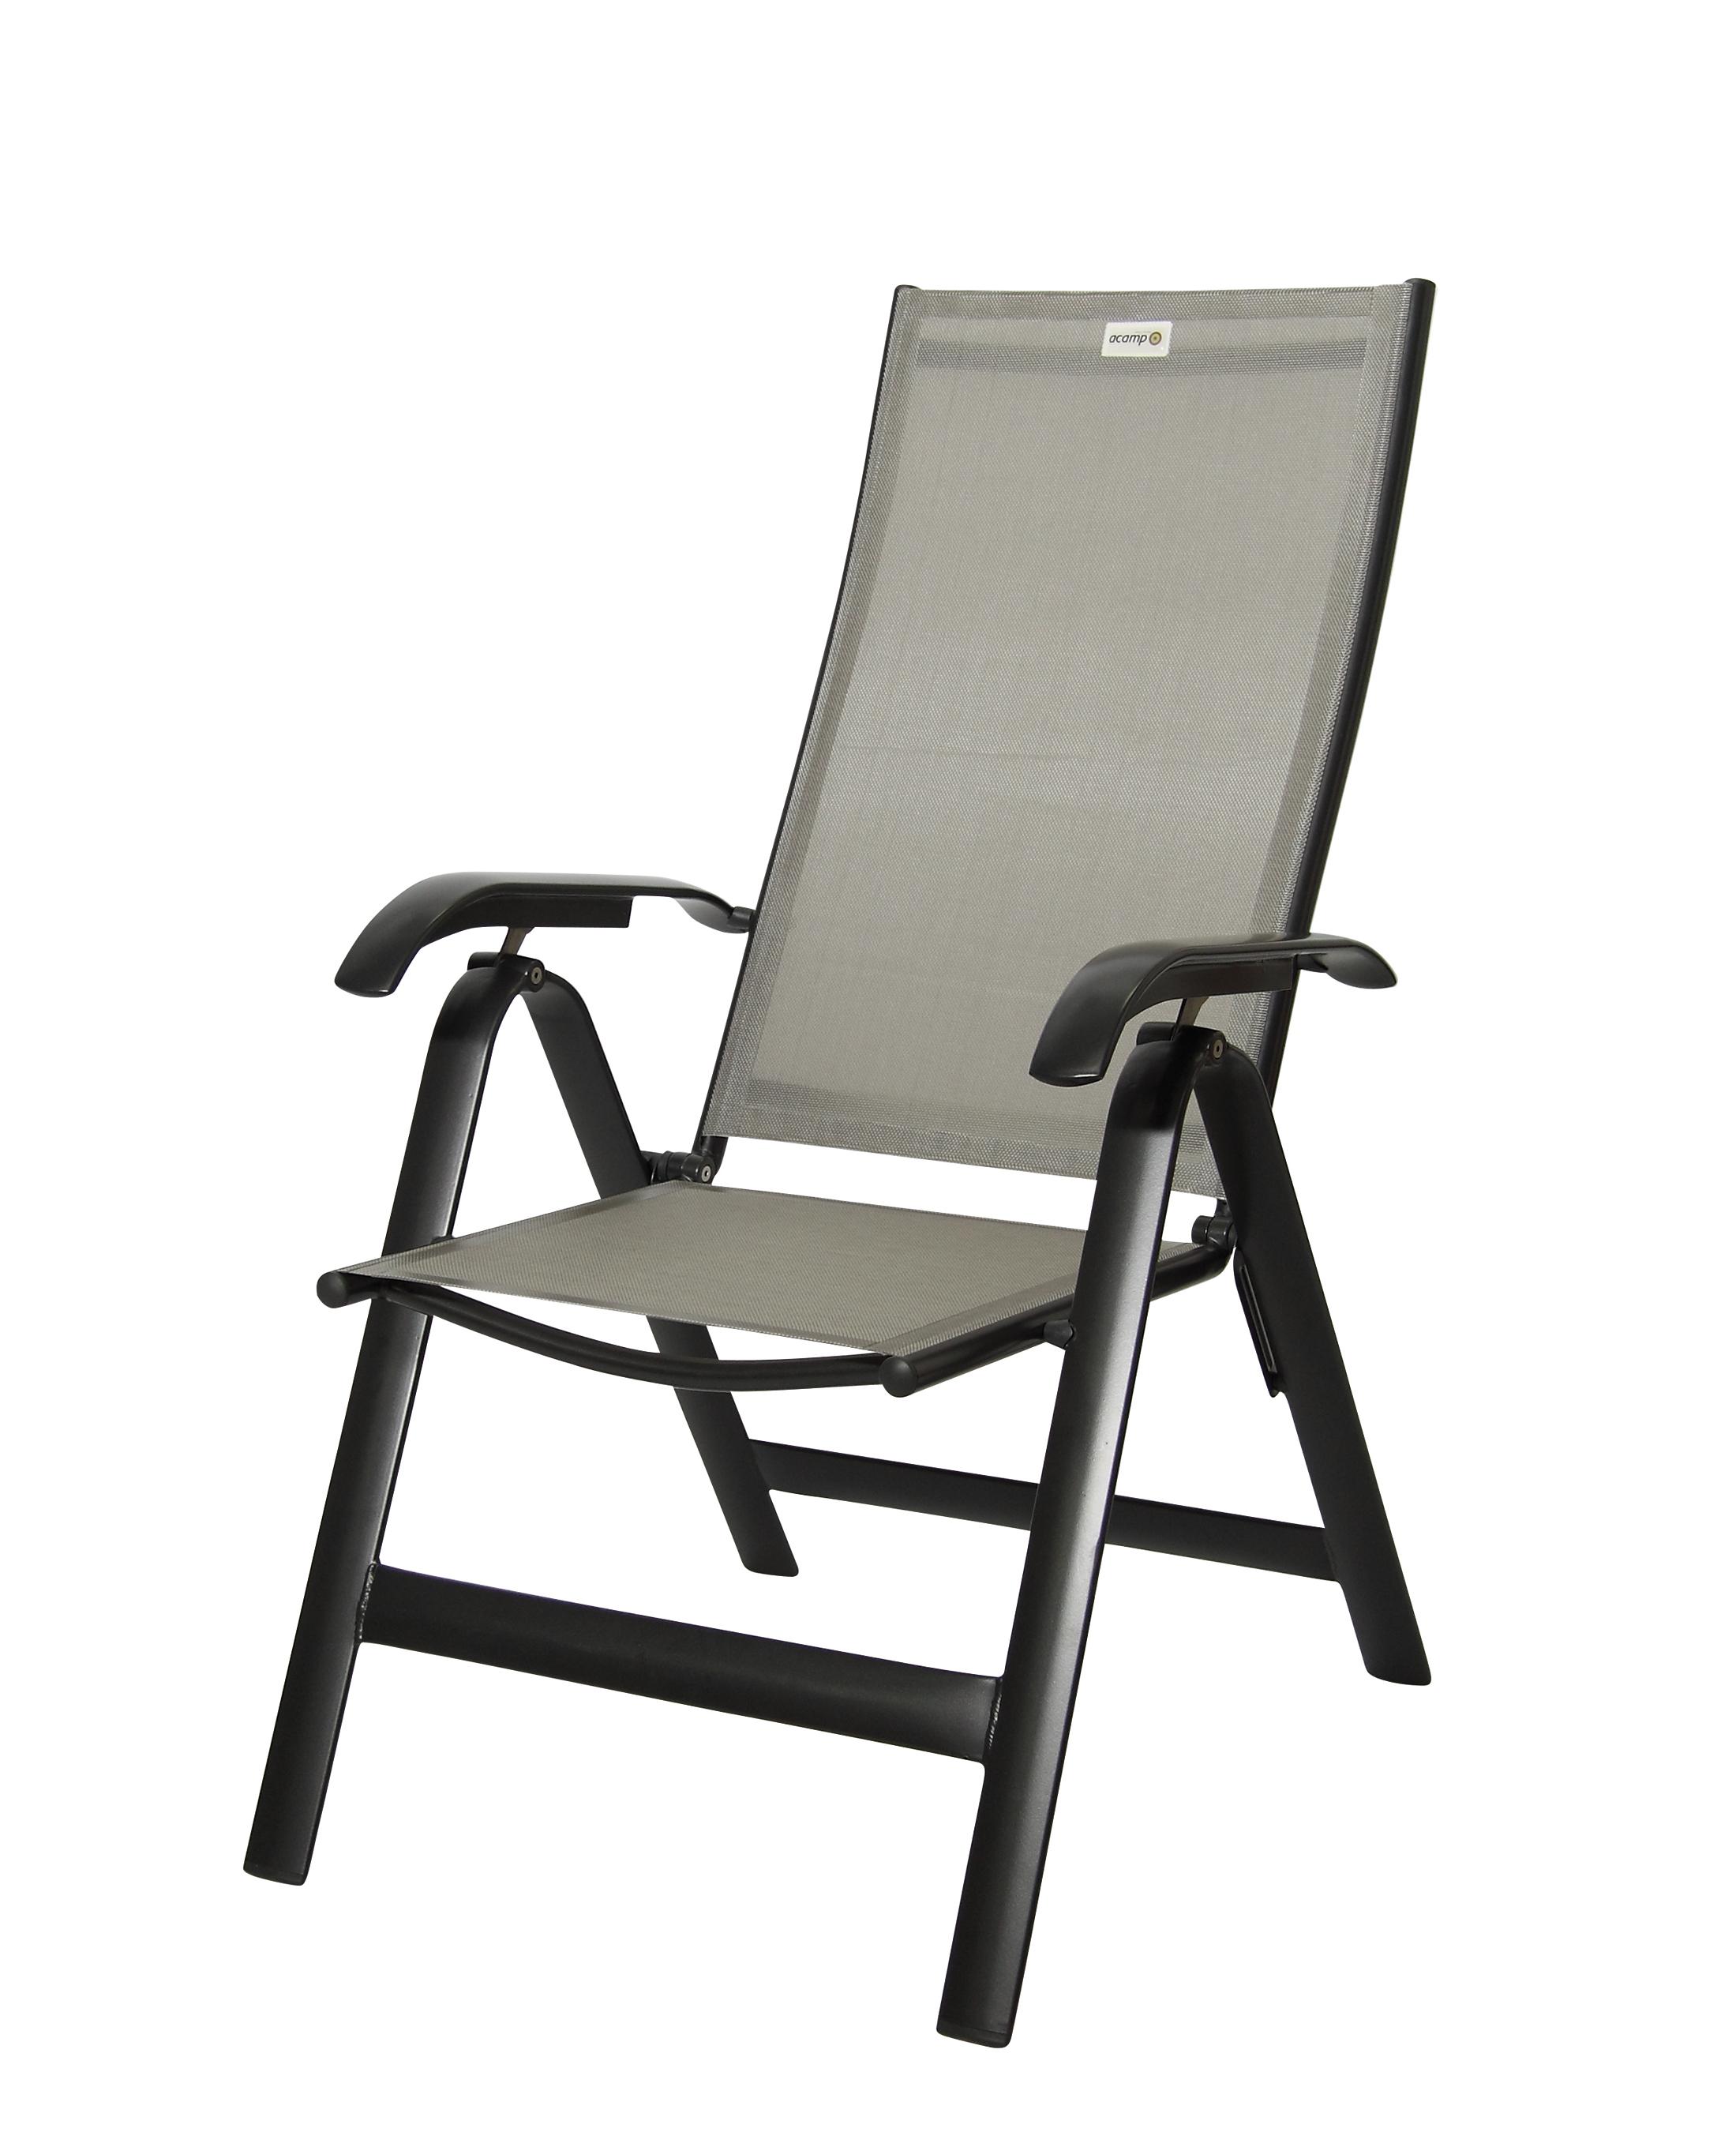 gartenmobel alu anthrazit interessante ideen f r die gestaltung von gartenm beln. Black Bedroom Furniture Sets. Home Design Ideas